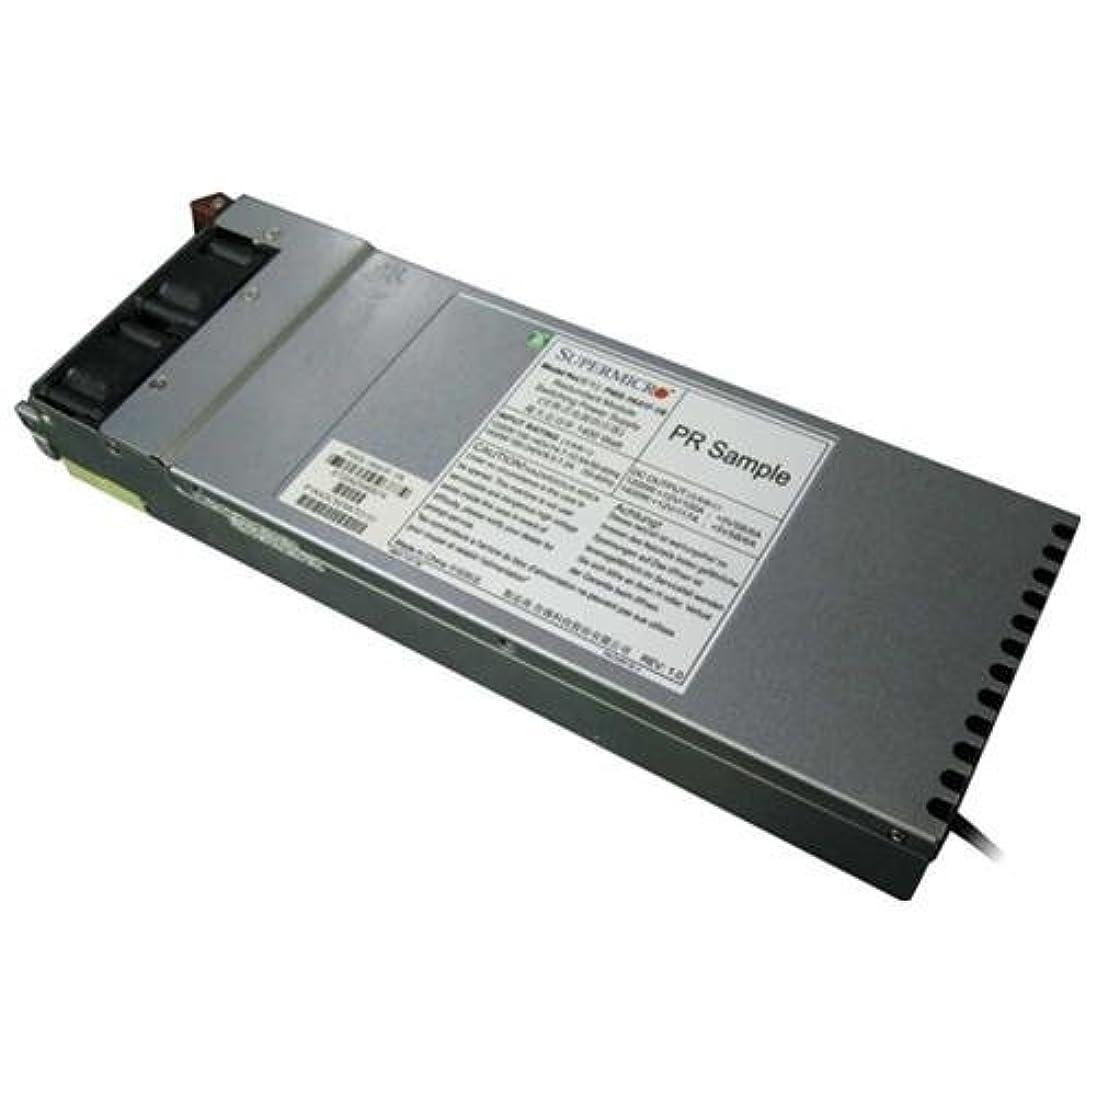 試してみる達成する落とし穴Supermicro PWS-1K41F-1R - Power supply (internal) - 80 PLUS Gold - AC 180-240 V - 1400 Watt - 1U - for A+ Server 1122, Server 4042, SC748, SC818, SC828, SuperServer 1026, 6016, 80XX